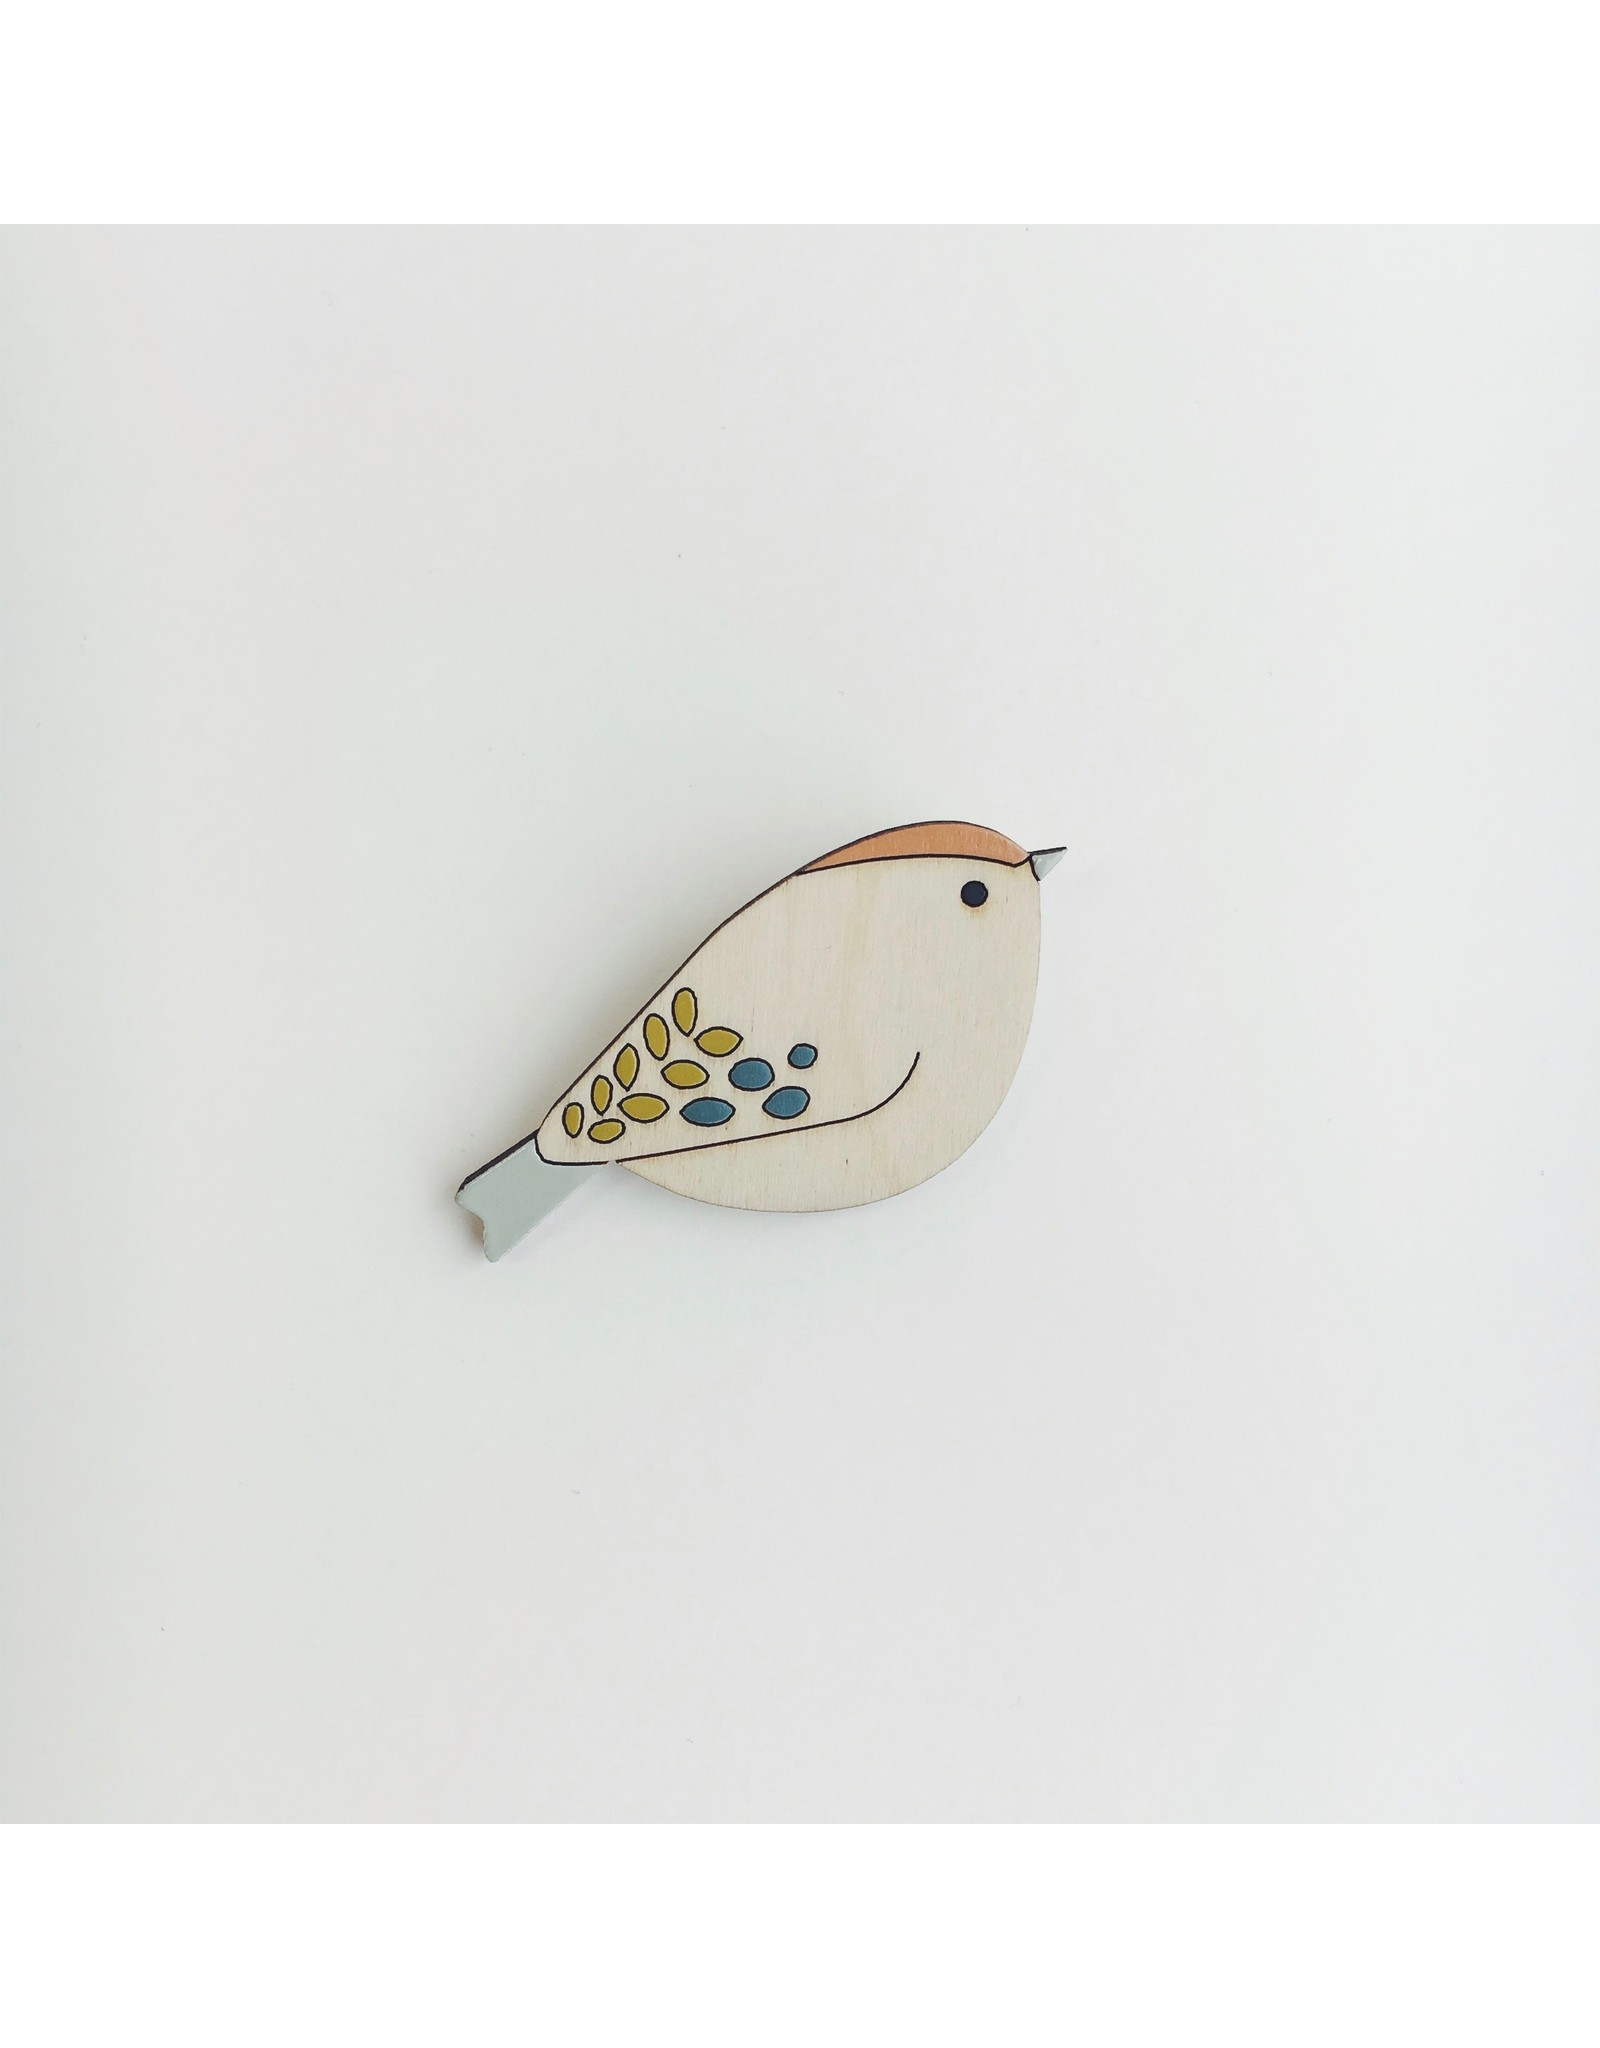 Wooden Bird Brooch